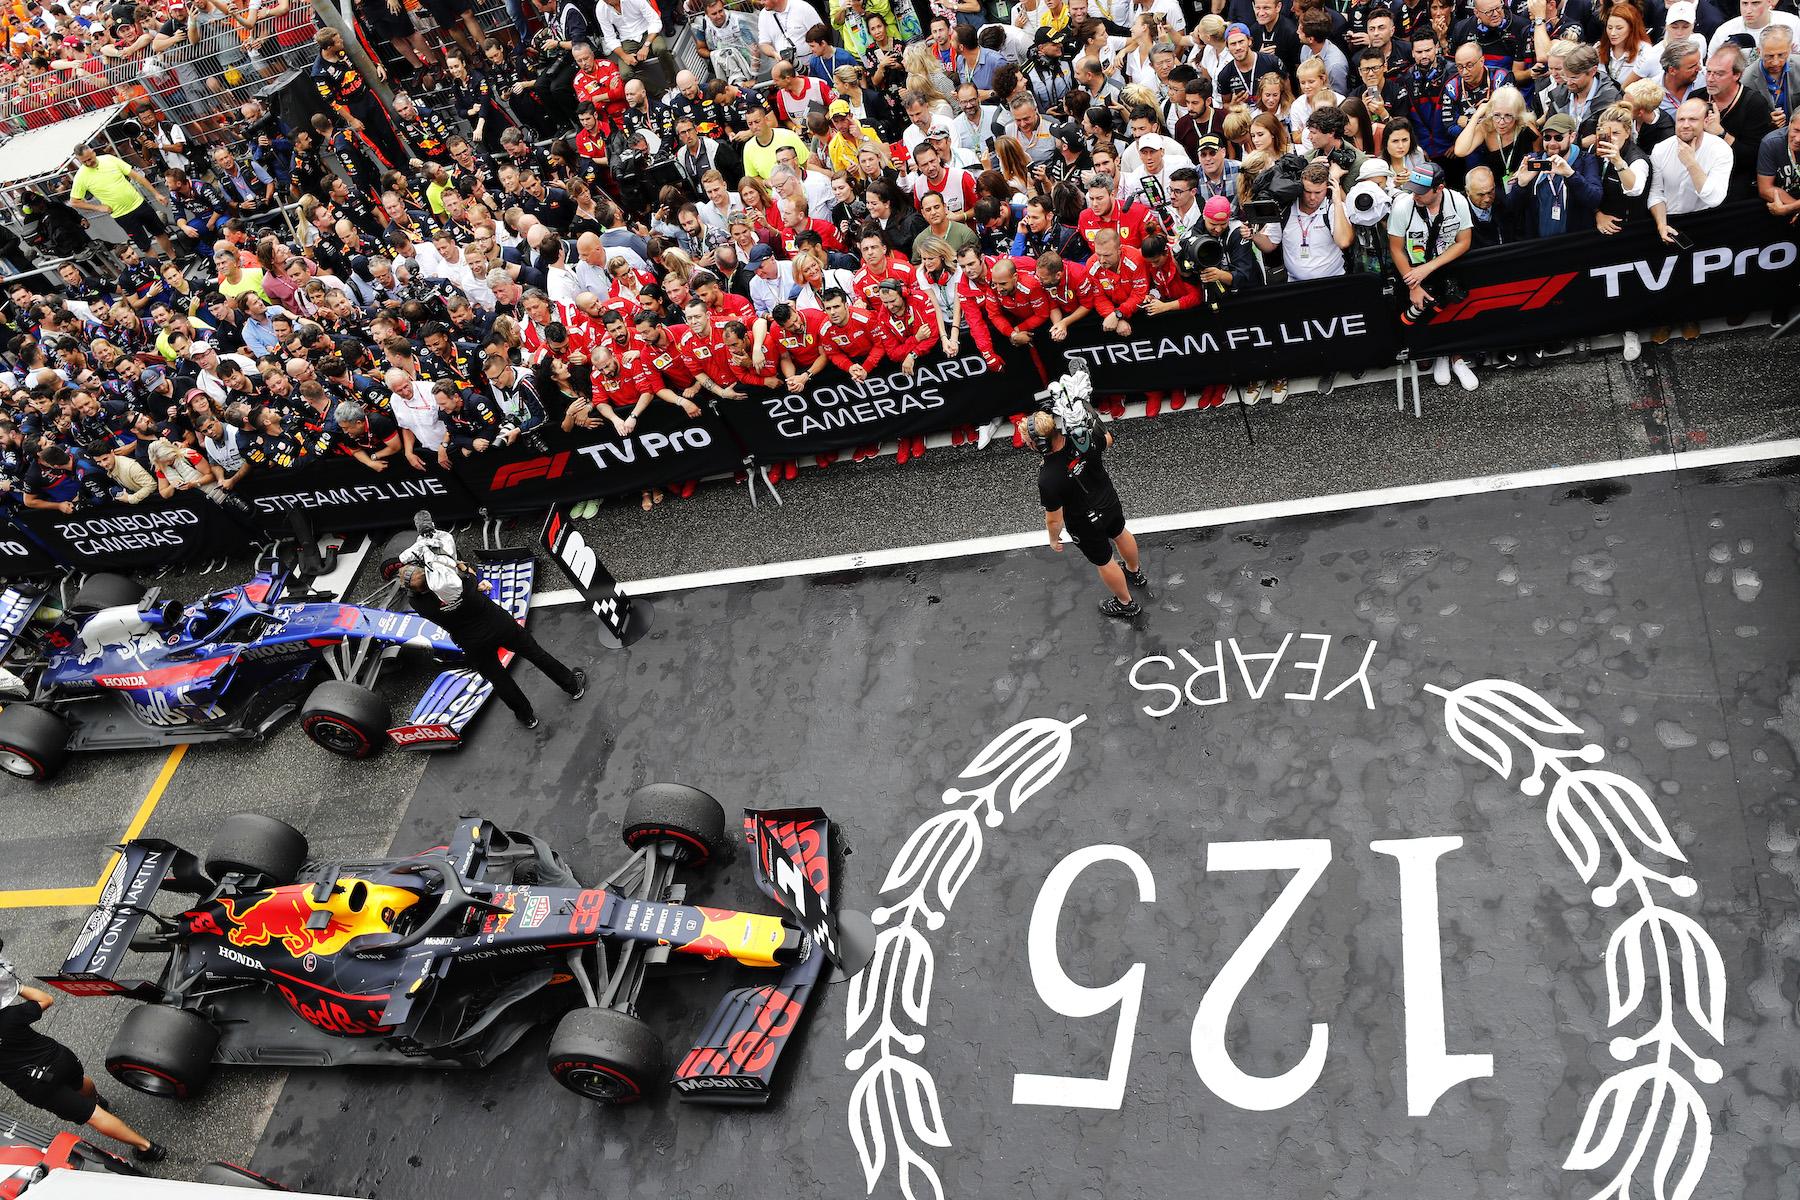 5 2019 German GP Sunday 31.jpg